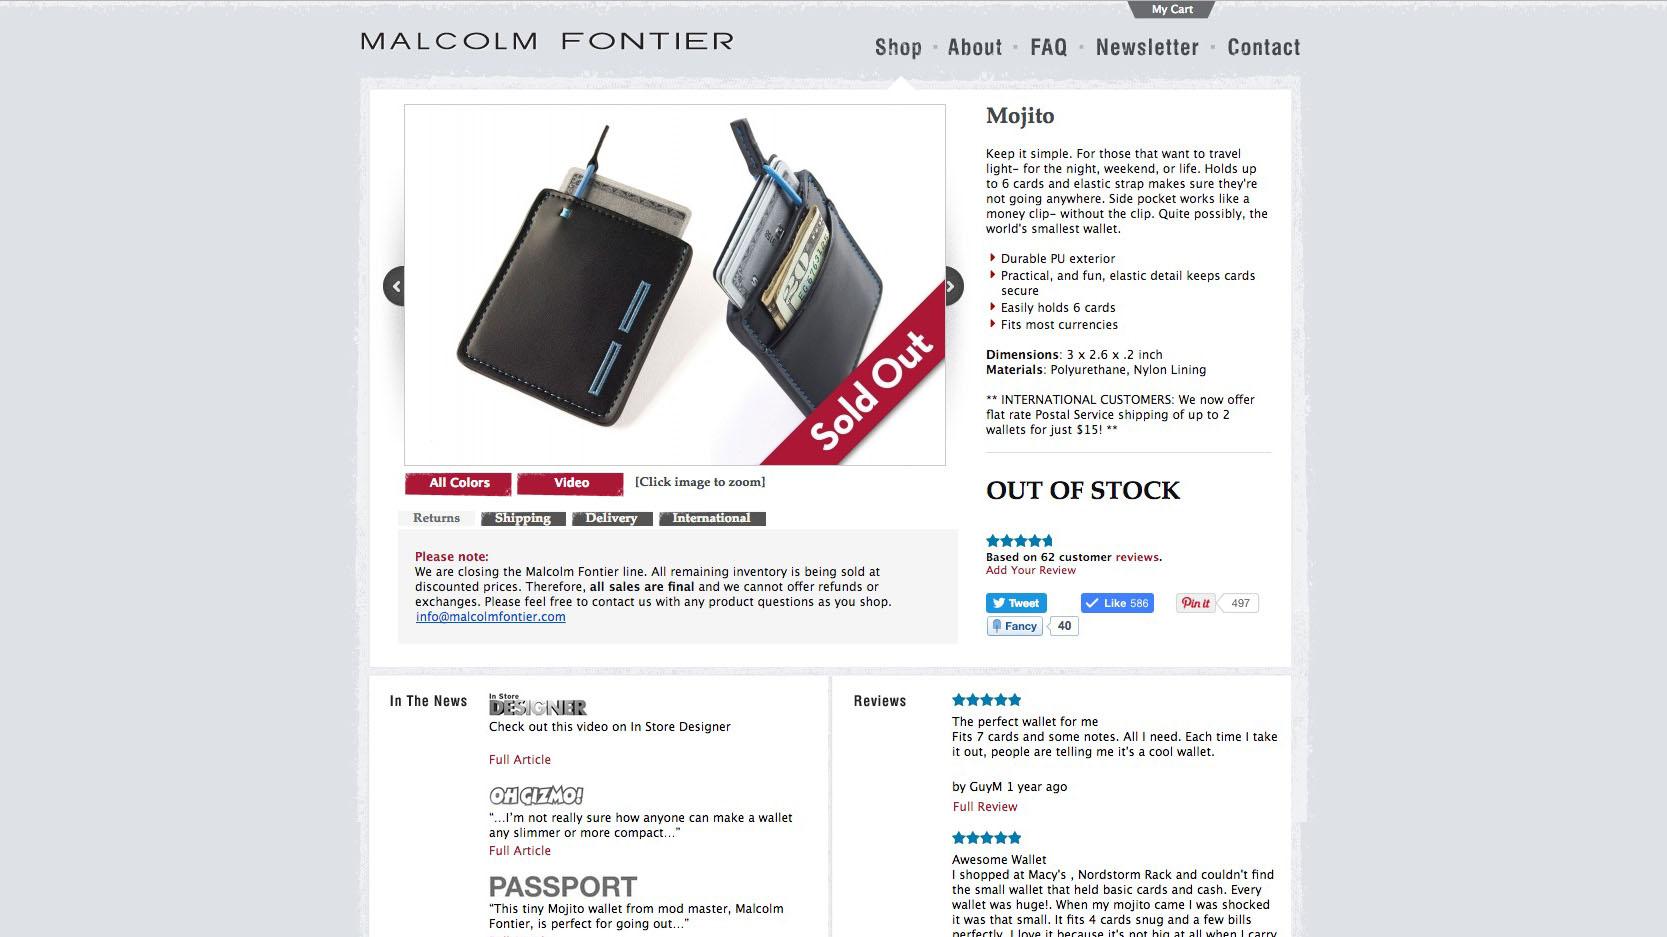 malcolmfontier_Mojito_store_16x9.jpg